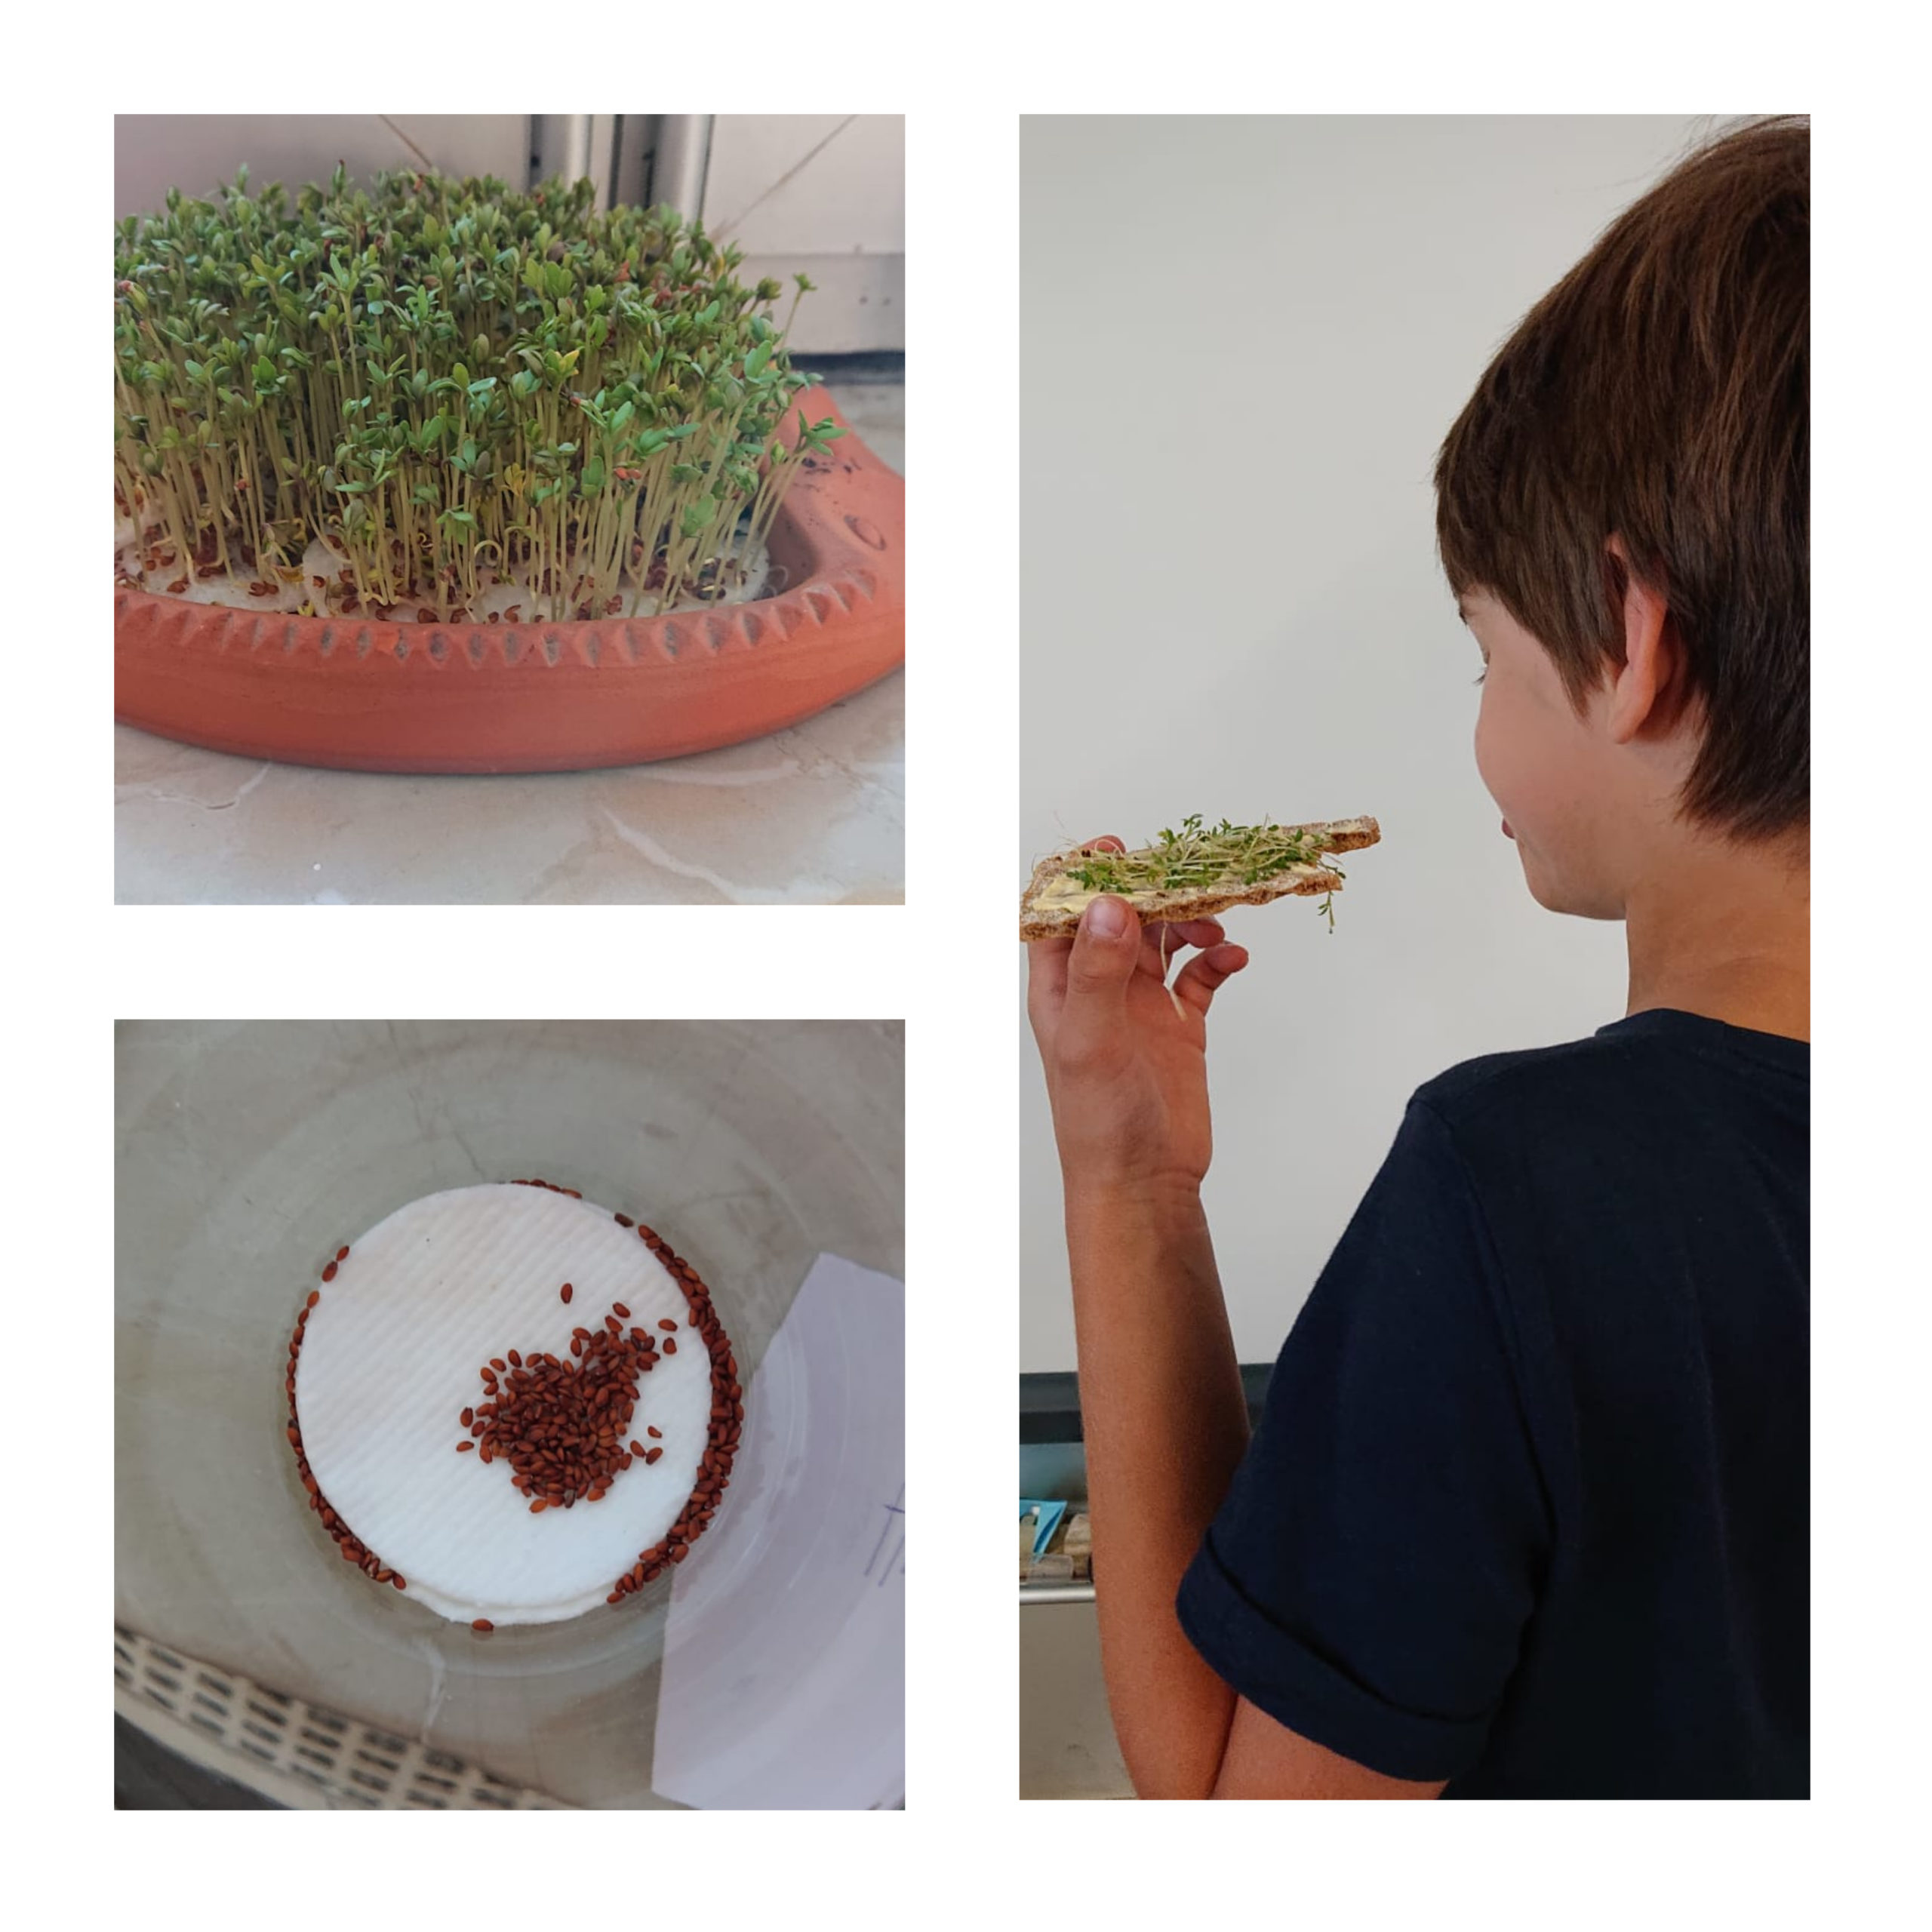 Kresse säen, ernten und essen